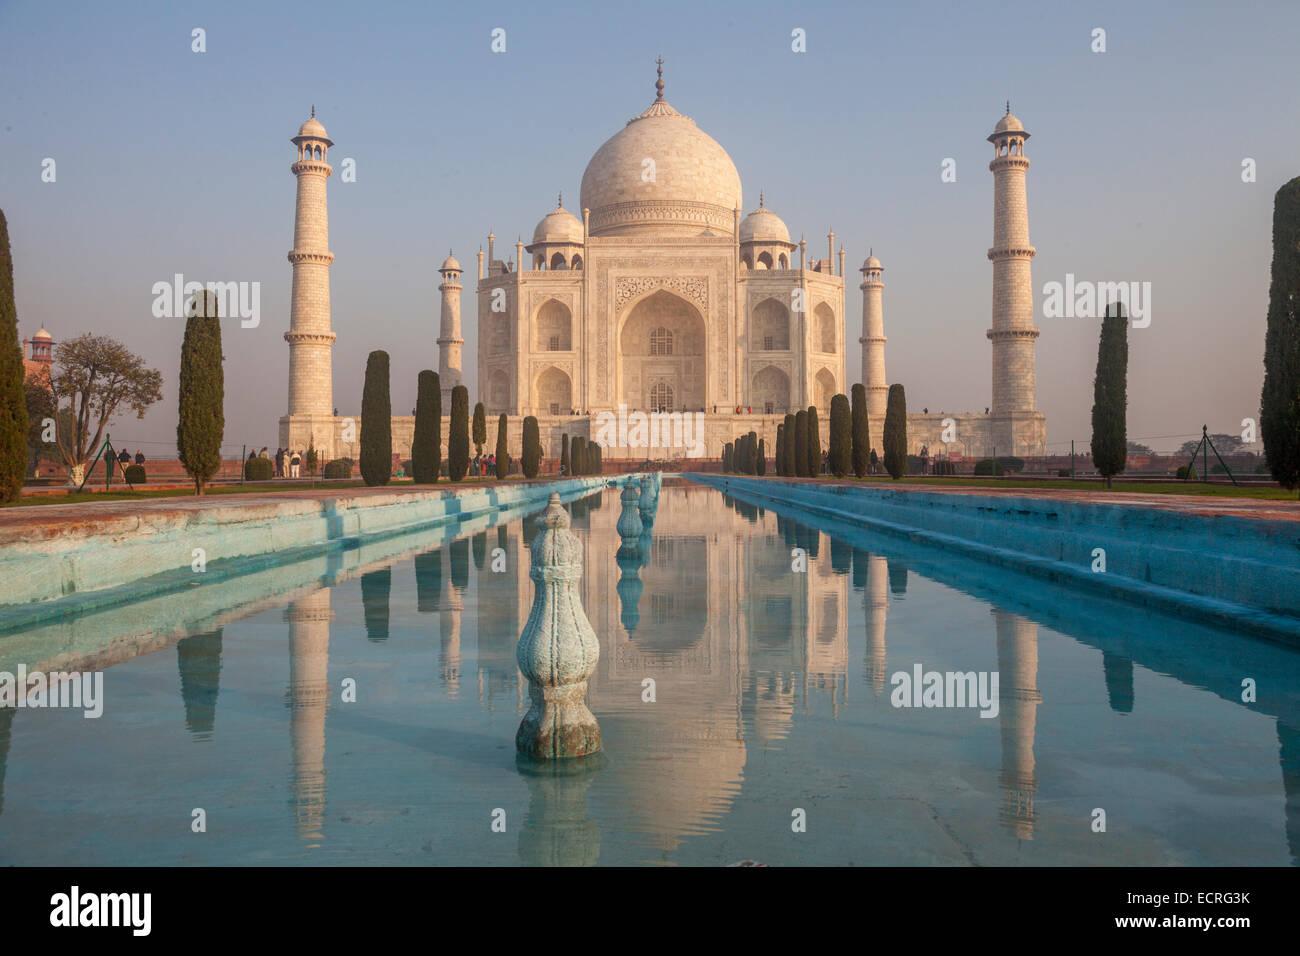 Le Taj (connu sous le nom de Taj Mahal) - est un mausolée en marbre blanc situé à Agra, Uttar Pradesh, Photo Stock